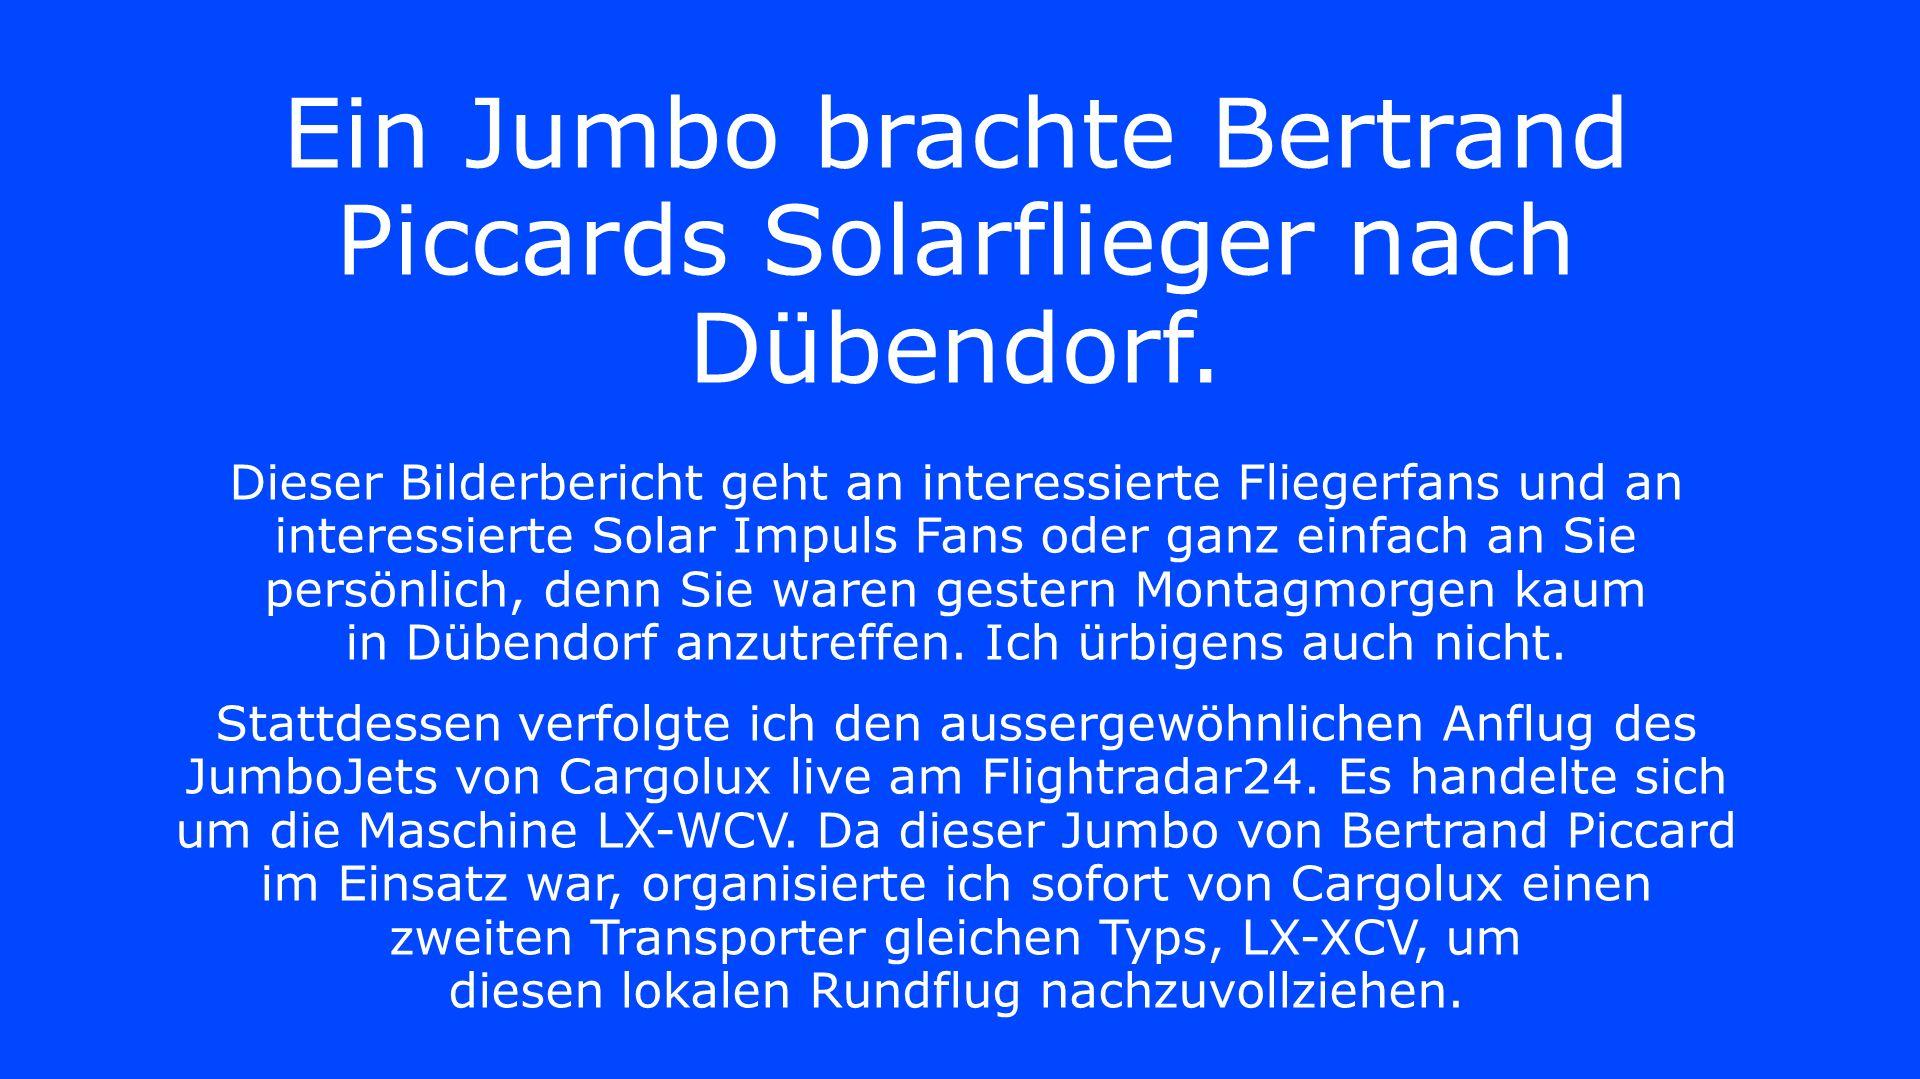 Ein Jumbo brachte Bertrand Piccards Solarflieger nach Dübendorf.